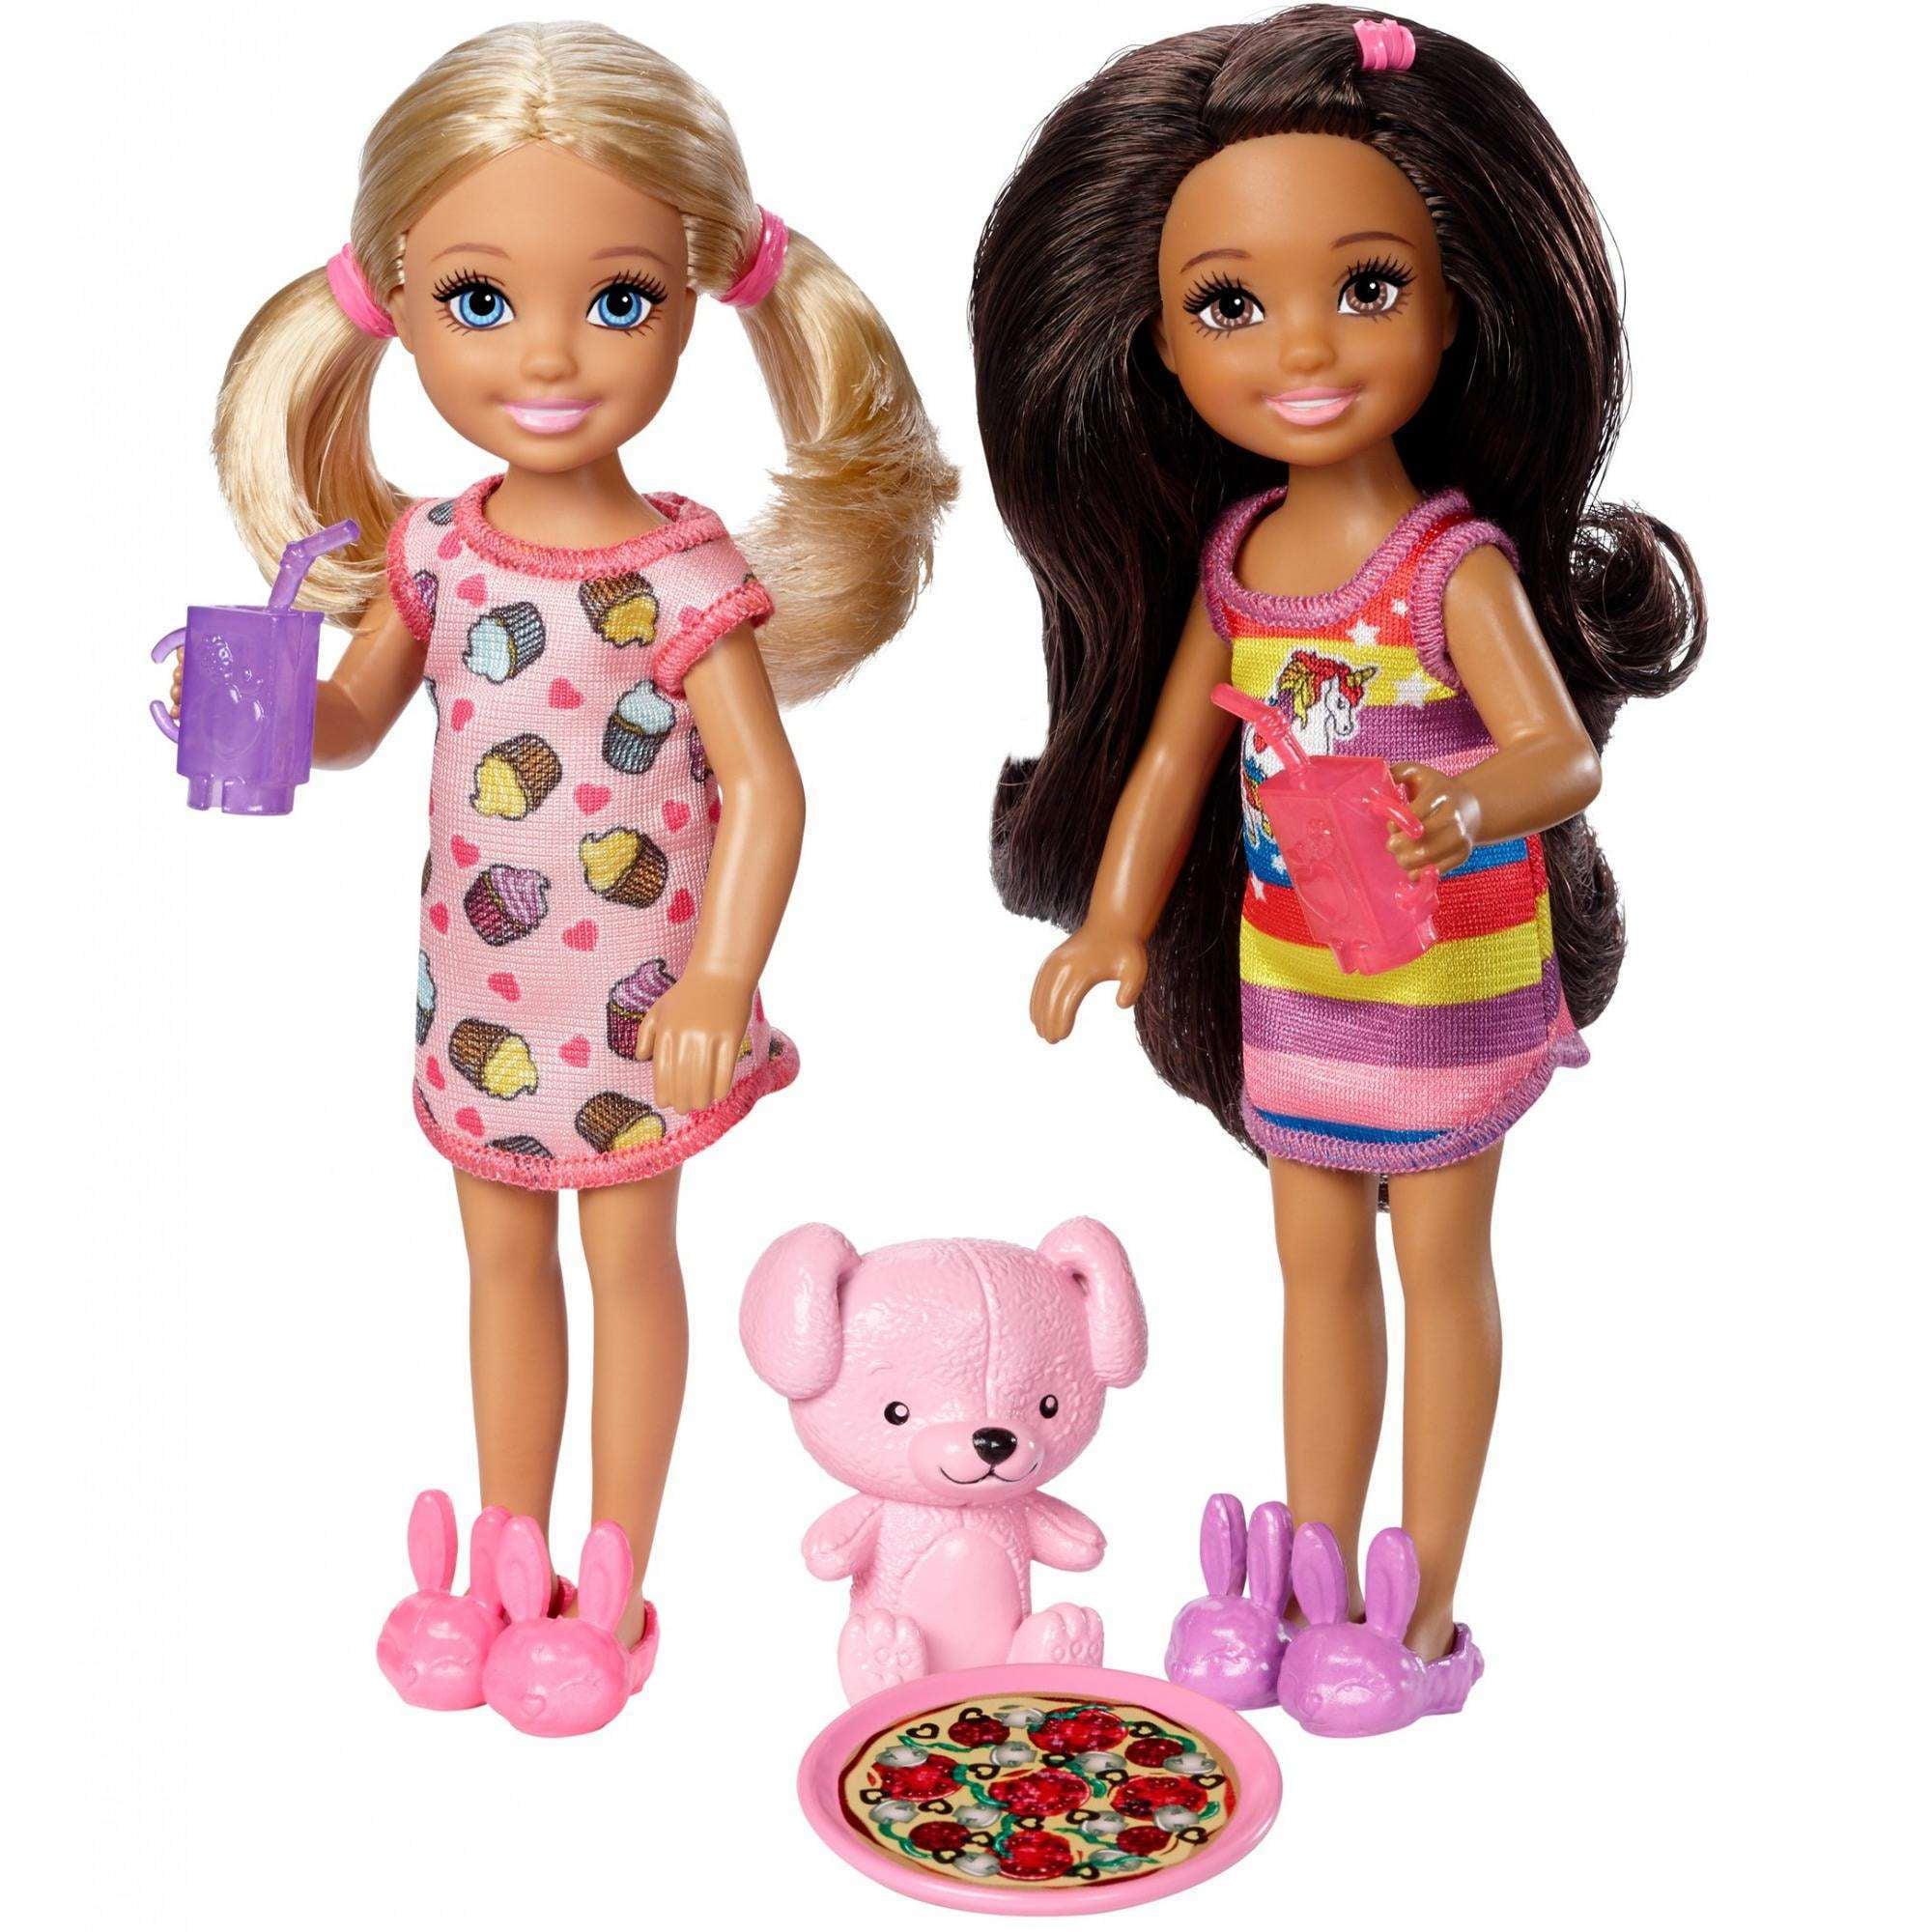 Barbie Club Chelsea Slumber Party Pack by Mattel